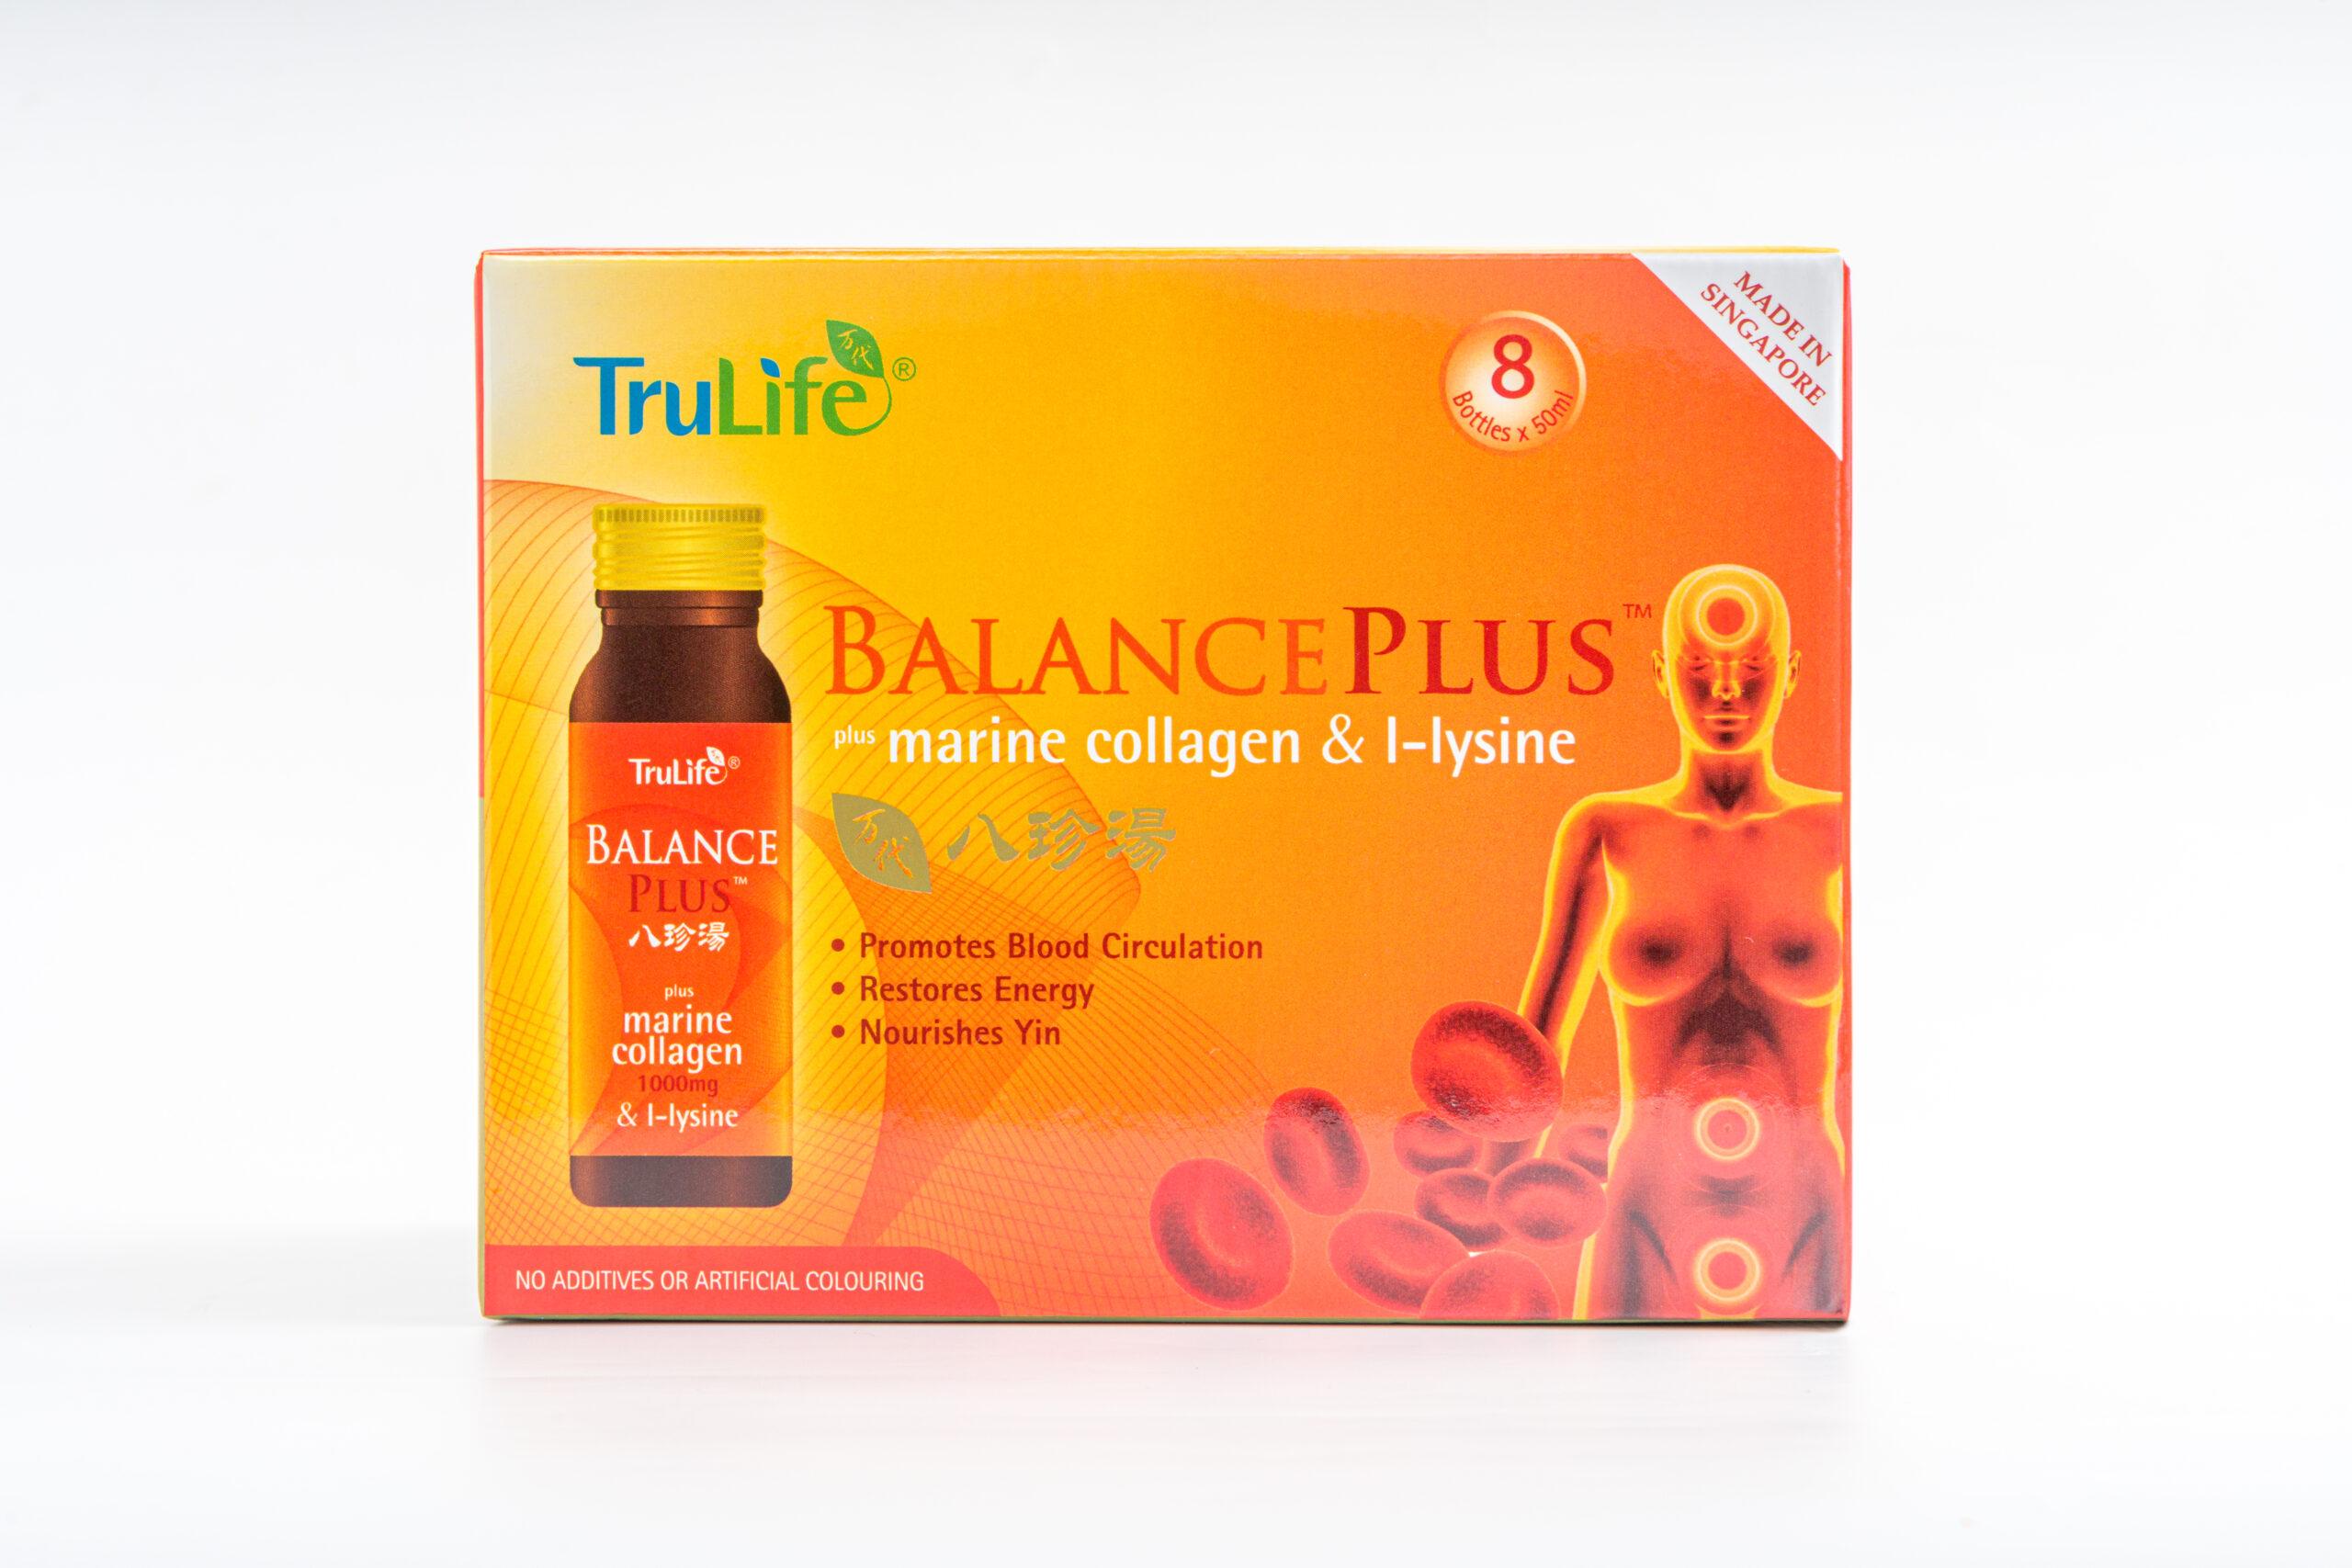 Balance Plus with Marine Collagen & L-lysine